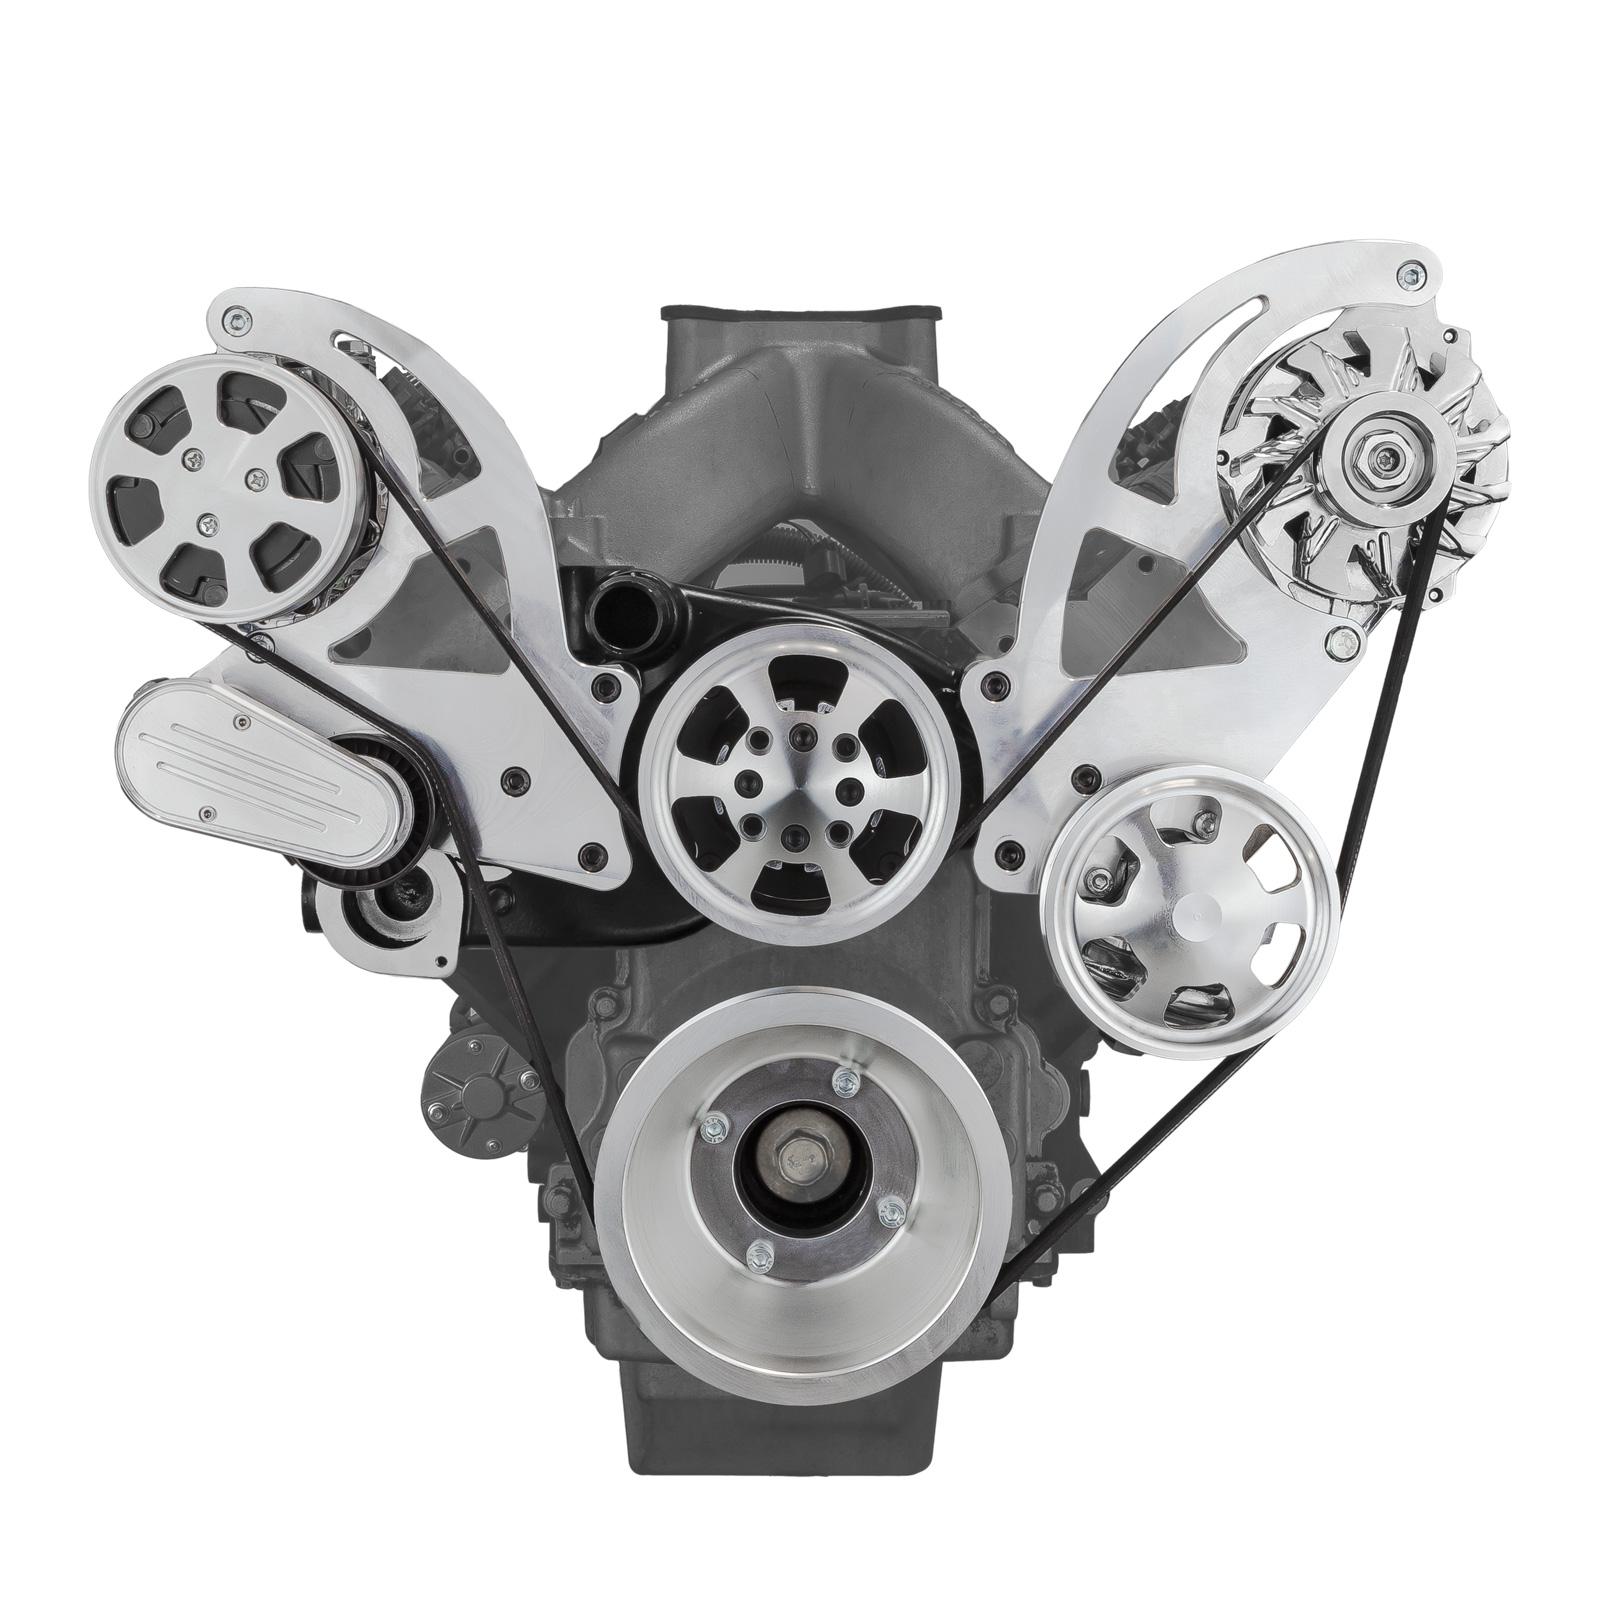 Chevy GM LS1 LS2 LS3 LS6 Billet Aluminum Serpentine Pulley Set & Components Kit